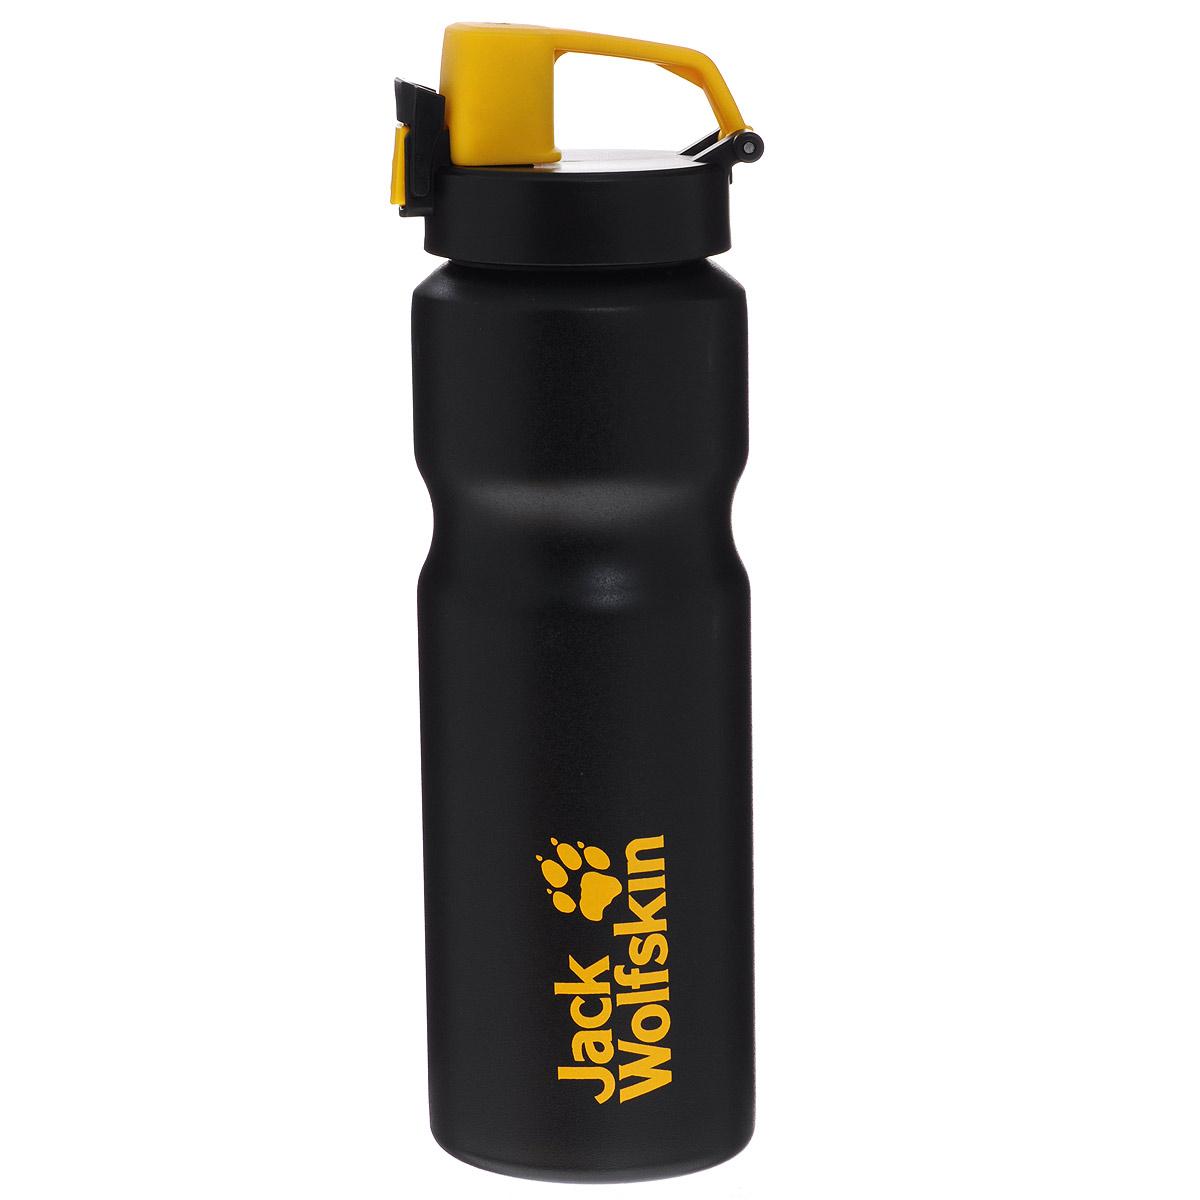 Бутылка Jack Wolfskin Sport Bottle Grip, 0,75 л8001401-6000Бутылка Jack Wolfskin Sport Bottle Grip изготовлена из высококачественной нержавеющей стали. Благодаря текстурному покрытию с внешней стороны ее можно надежно удерживать даже в перчатках, корпус с рельефной выемкой обеспечивает дополнительный комфорт. Бутылка специально предназначена для активных видов спорта, клапан открывается быстро одной рукой. Горлышко широкое, что очень удобно при заполнении и чистке. Материалы, из которых сделана бутылка, не вступают в реакцию с жидкостью, поэтому напитки сохраняют свой вкус и аромат. Бутылка очень компактная, ее можно взять с собой, куда угодно: на тренировку, в поход, на работу или на пикник. С помощью специального отверстия ее легко можно закрепить на рюкзаке с багажом. Высота бутылки: 25,5 см. Диаметр основания: 7,5 см.